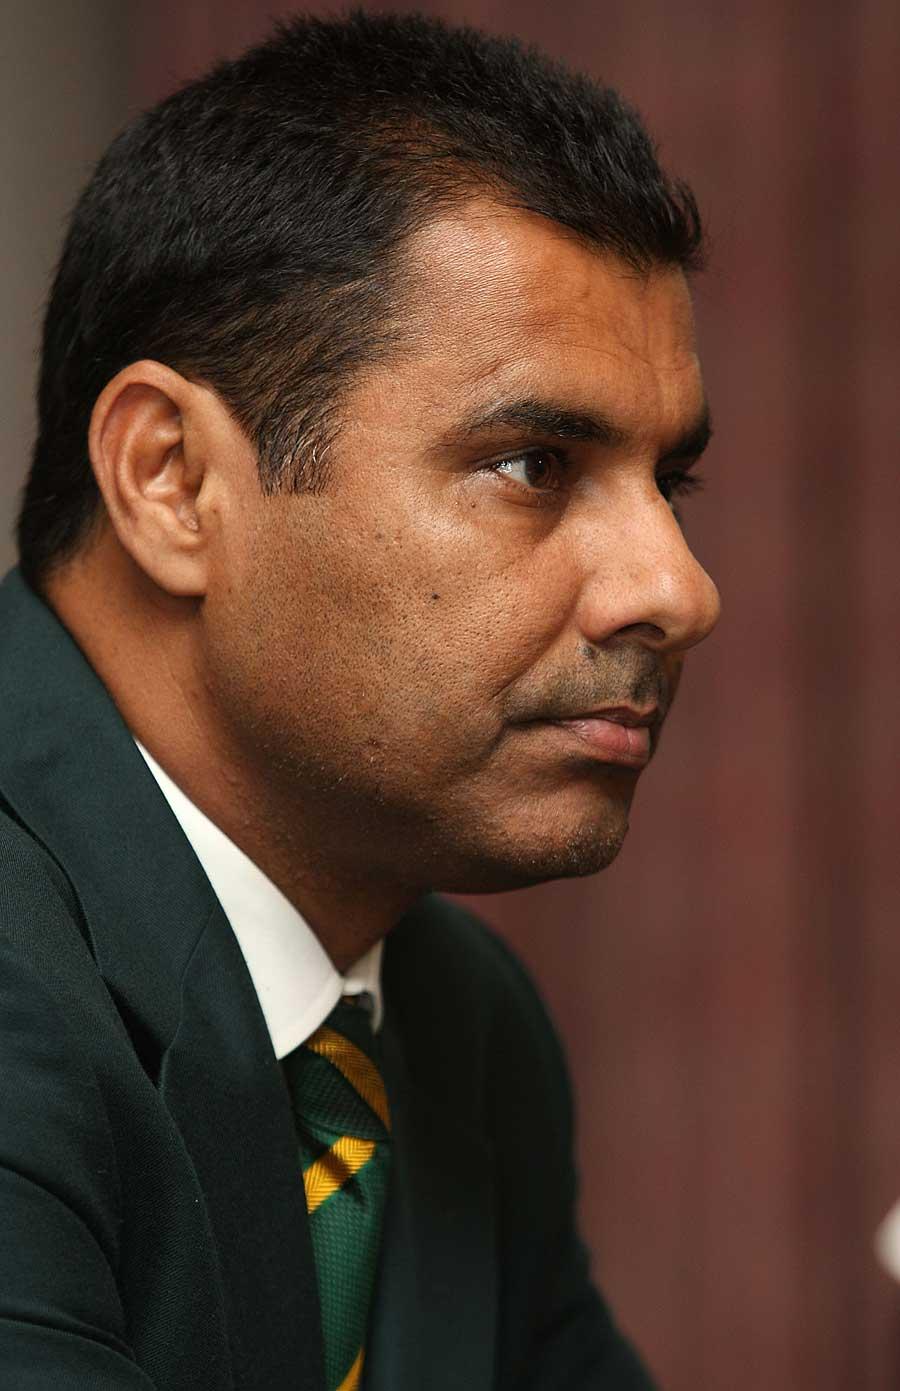 وقار یونس نے ذاتی وجوہات کی بنیاد پر گزشتہ سال پاکستان کے کوچ کے عہدے سے استعفیٰ دے دیا تھا (تصویر: Getty Images)